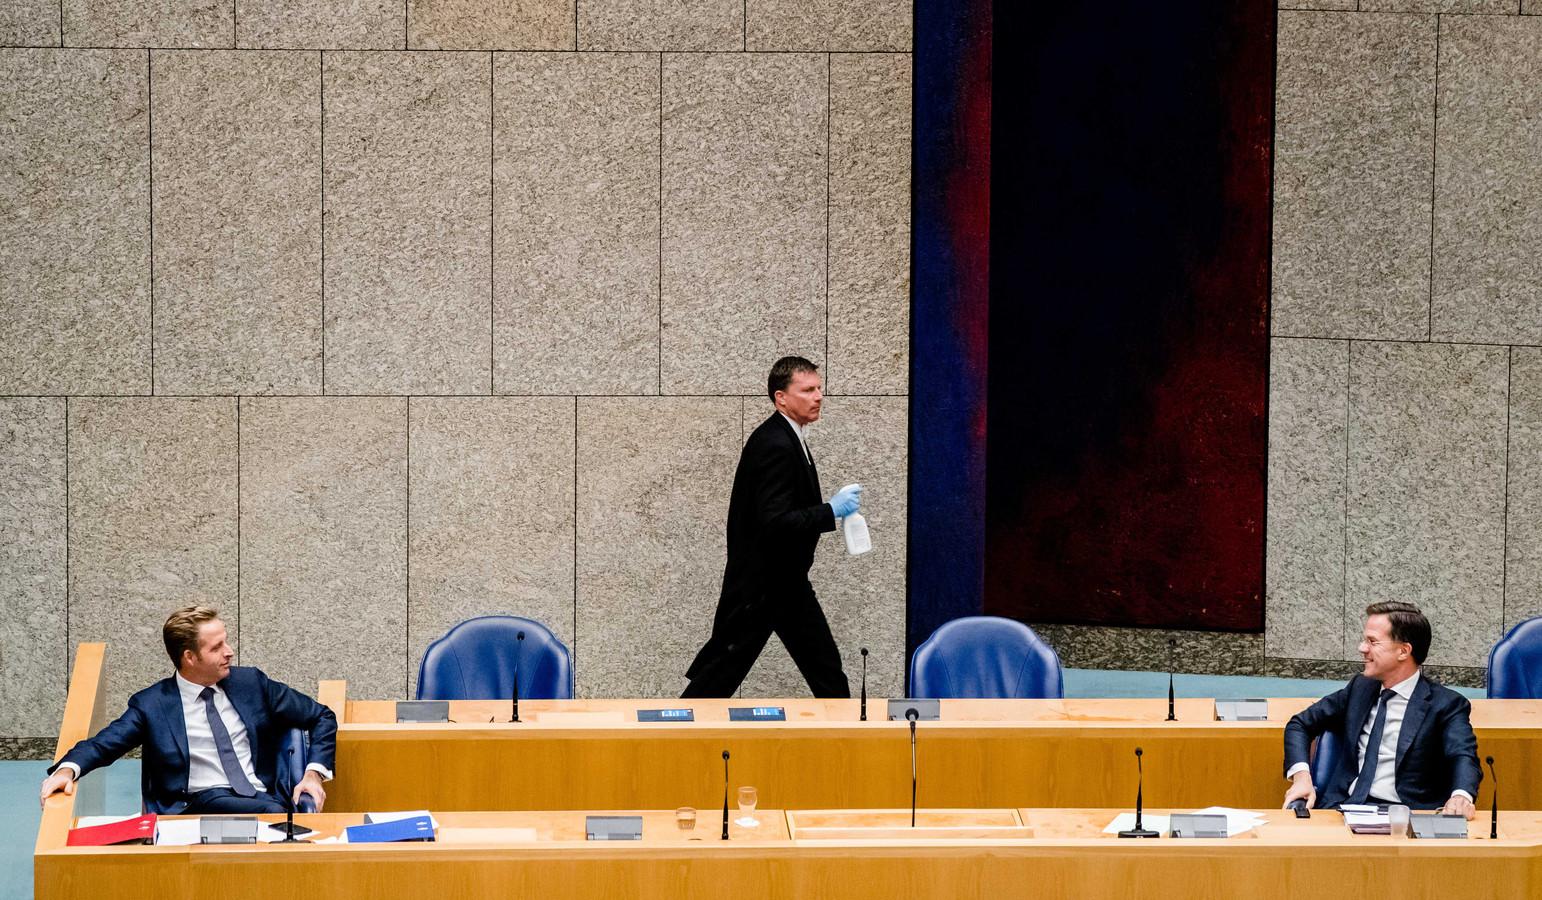 Door de coronamaatregelen moeten premier Rutte en minister De Jonge tijdens het Kamerdebat ver uit elkaar zitten en worden microfoons en spreekgestoelte na elke spreker gedesinfecteerd.